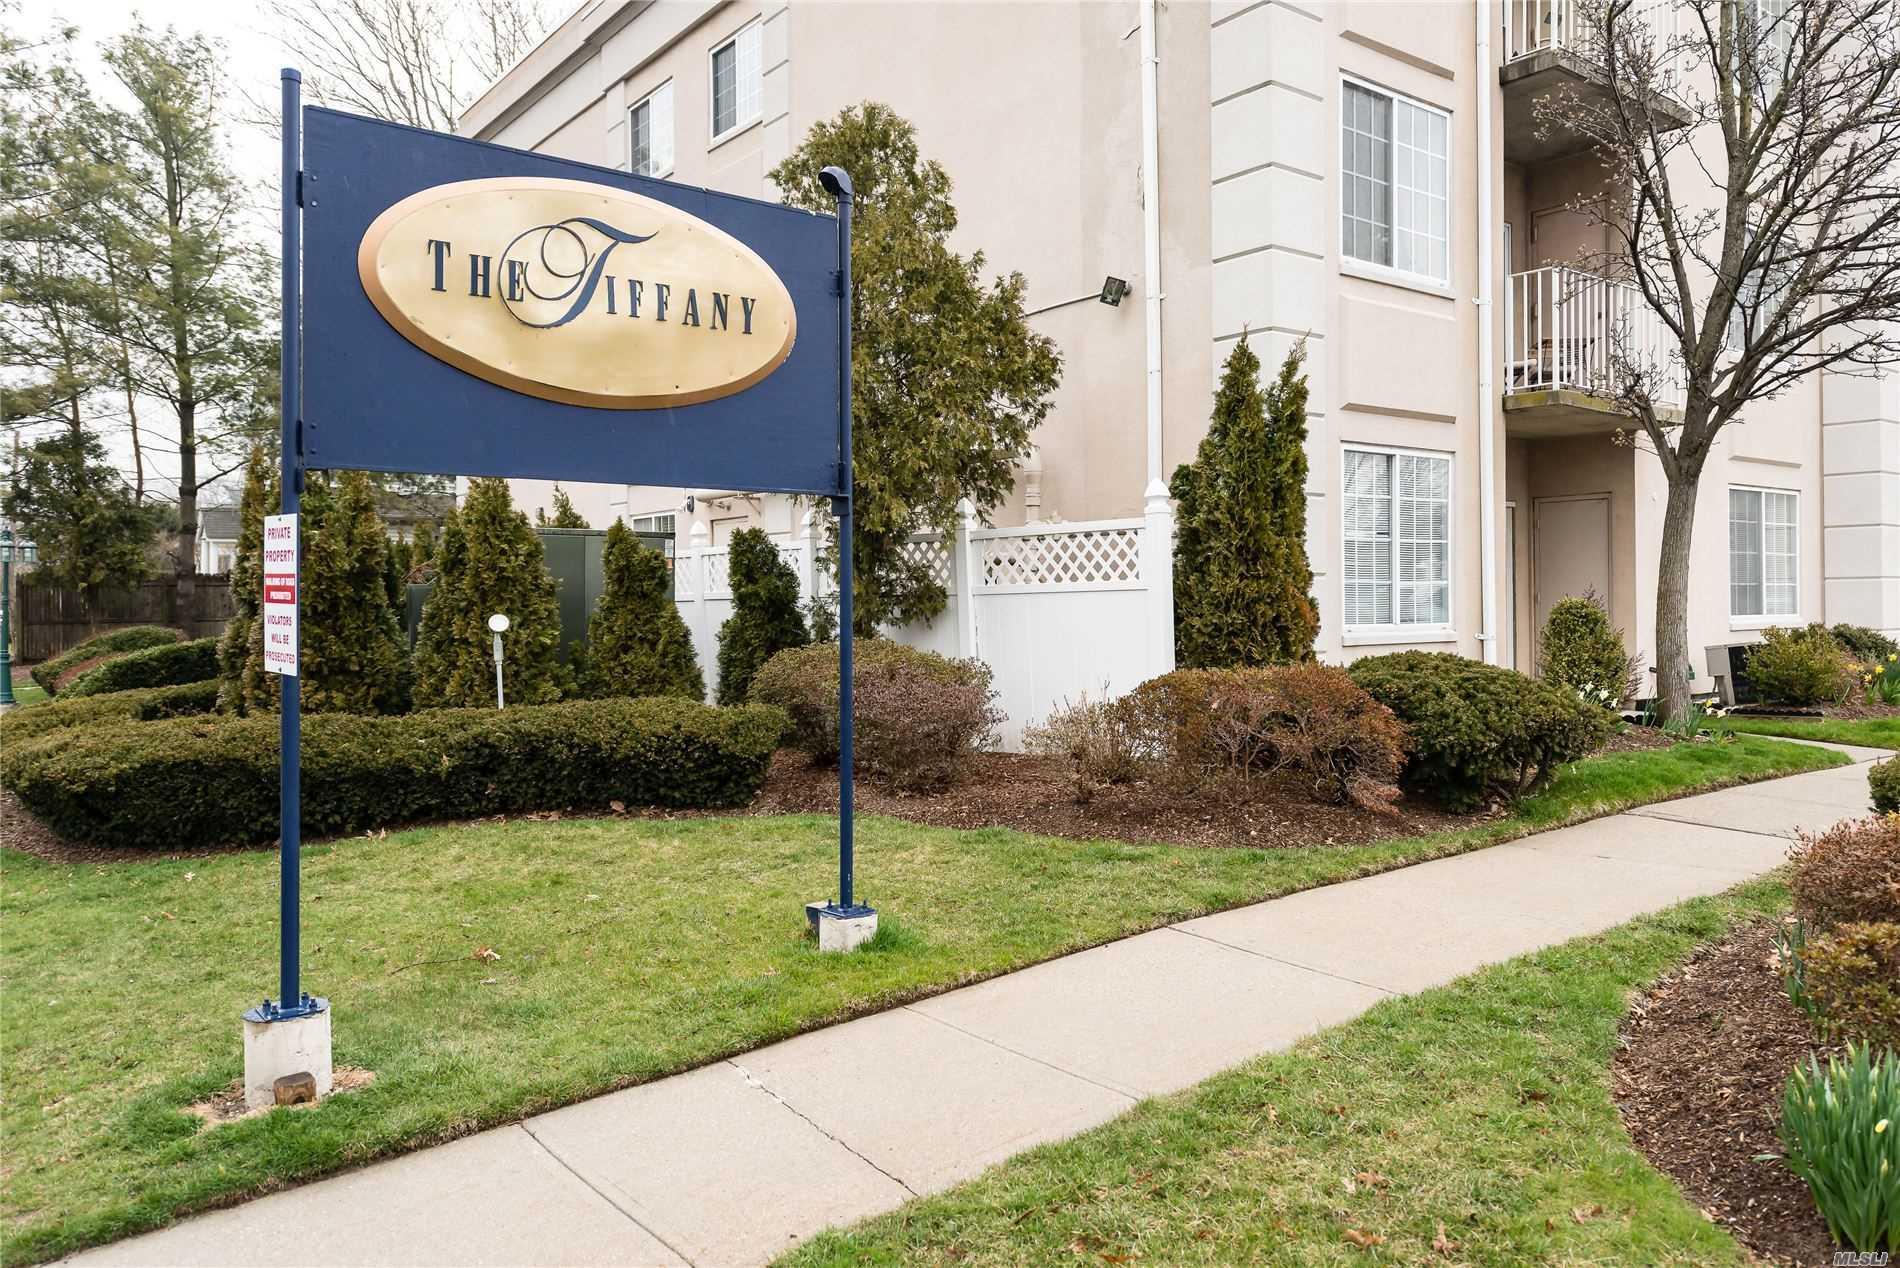 Property for sale at 54 School Street # 115, Westbury NY 11590, Westbury,  New York 11590